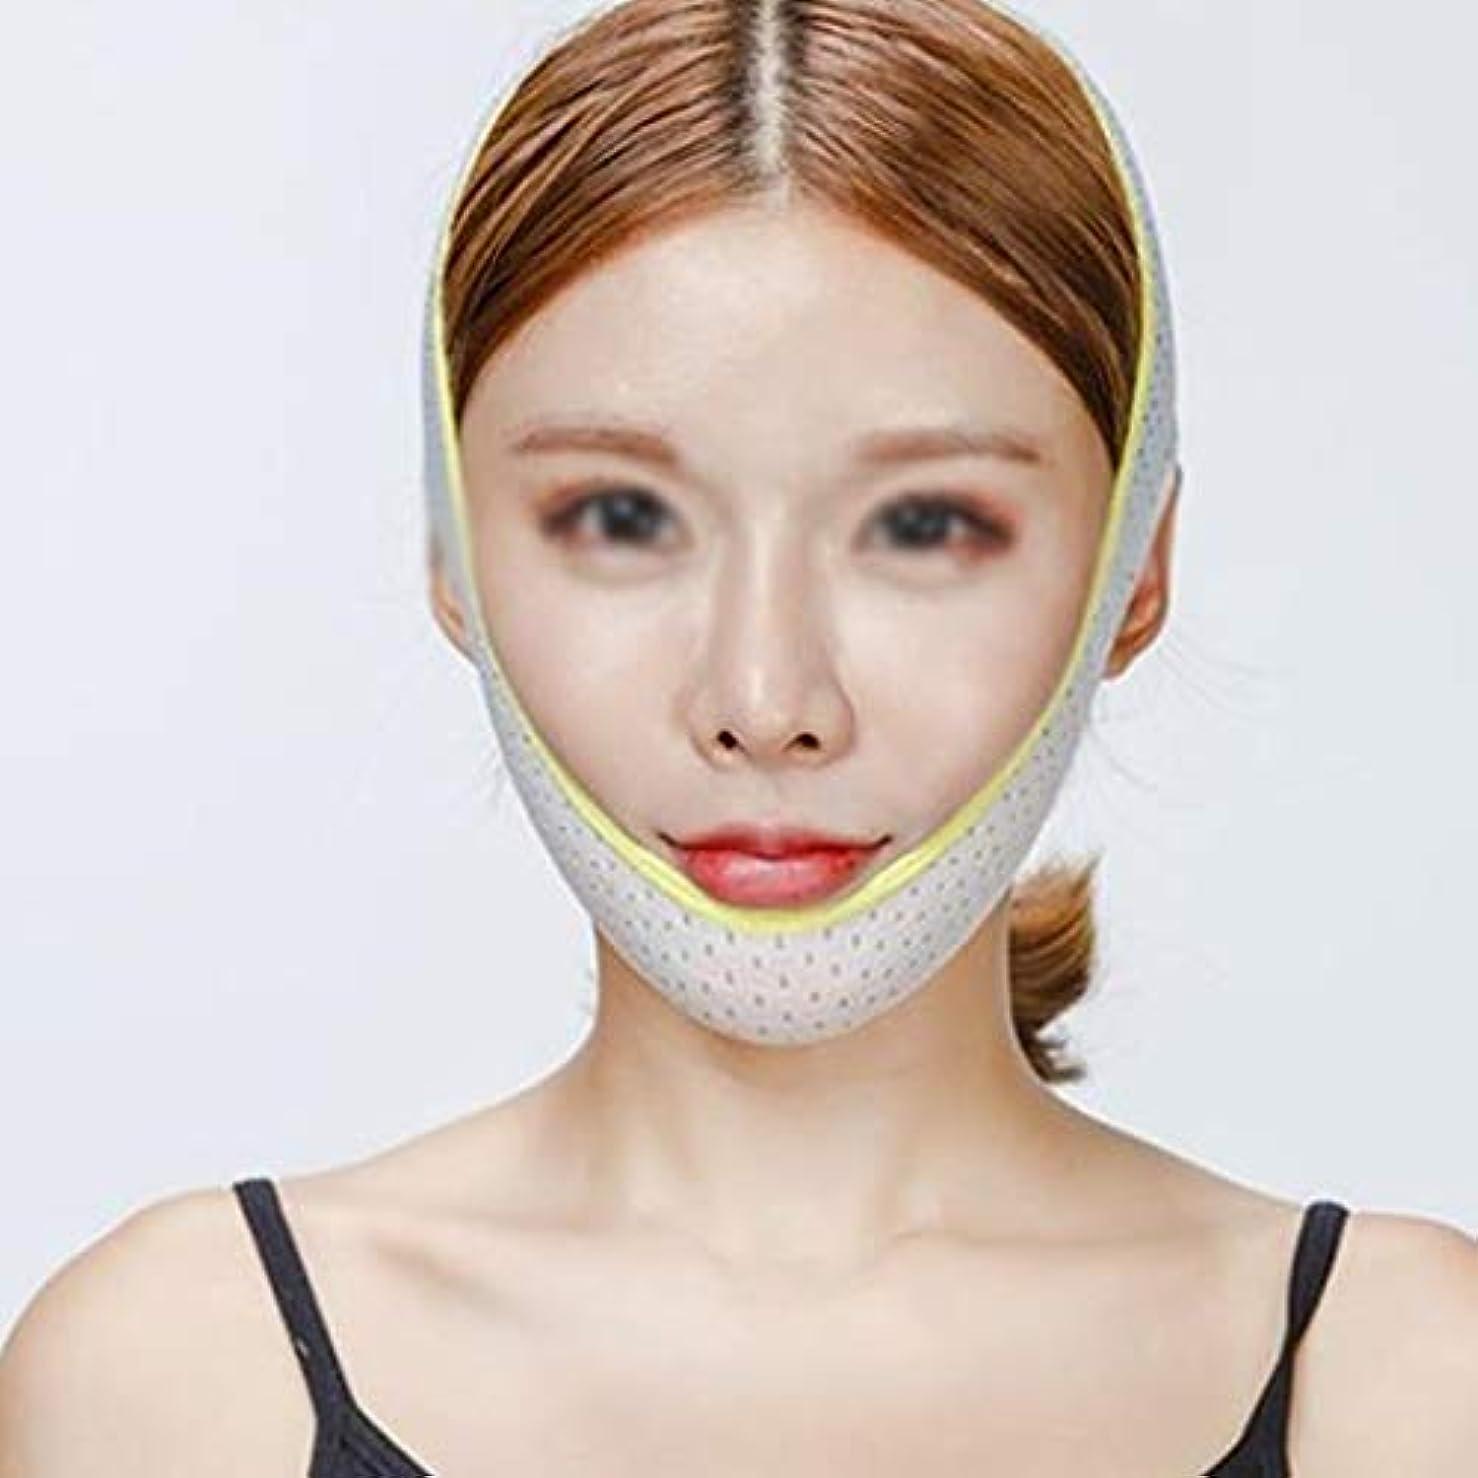 描写起こりやすいに向かってZWBD フェイスマスク, Vフェイスアーティファクトフェイスリフトステッカー本物のフェイスリフト韓国フェイスフェイシャルリフティングファーミングインストゥルメントフェイシャルリフティング睡眠包帯